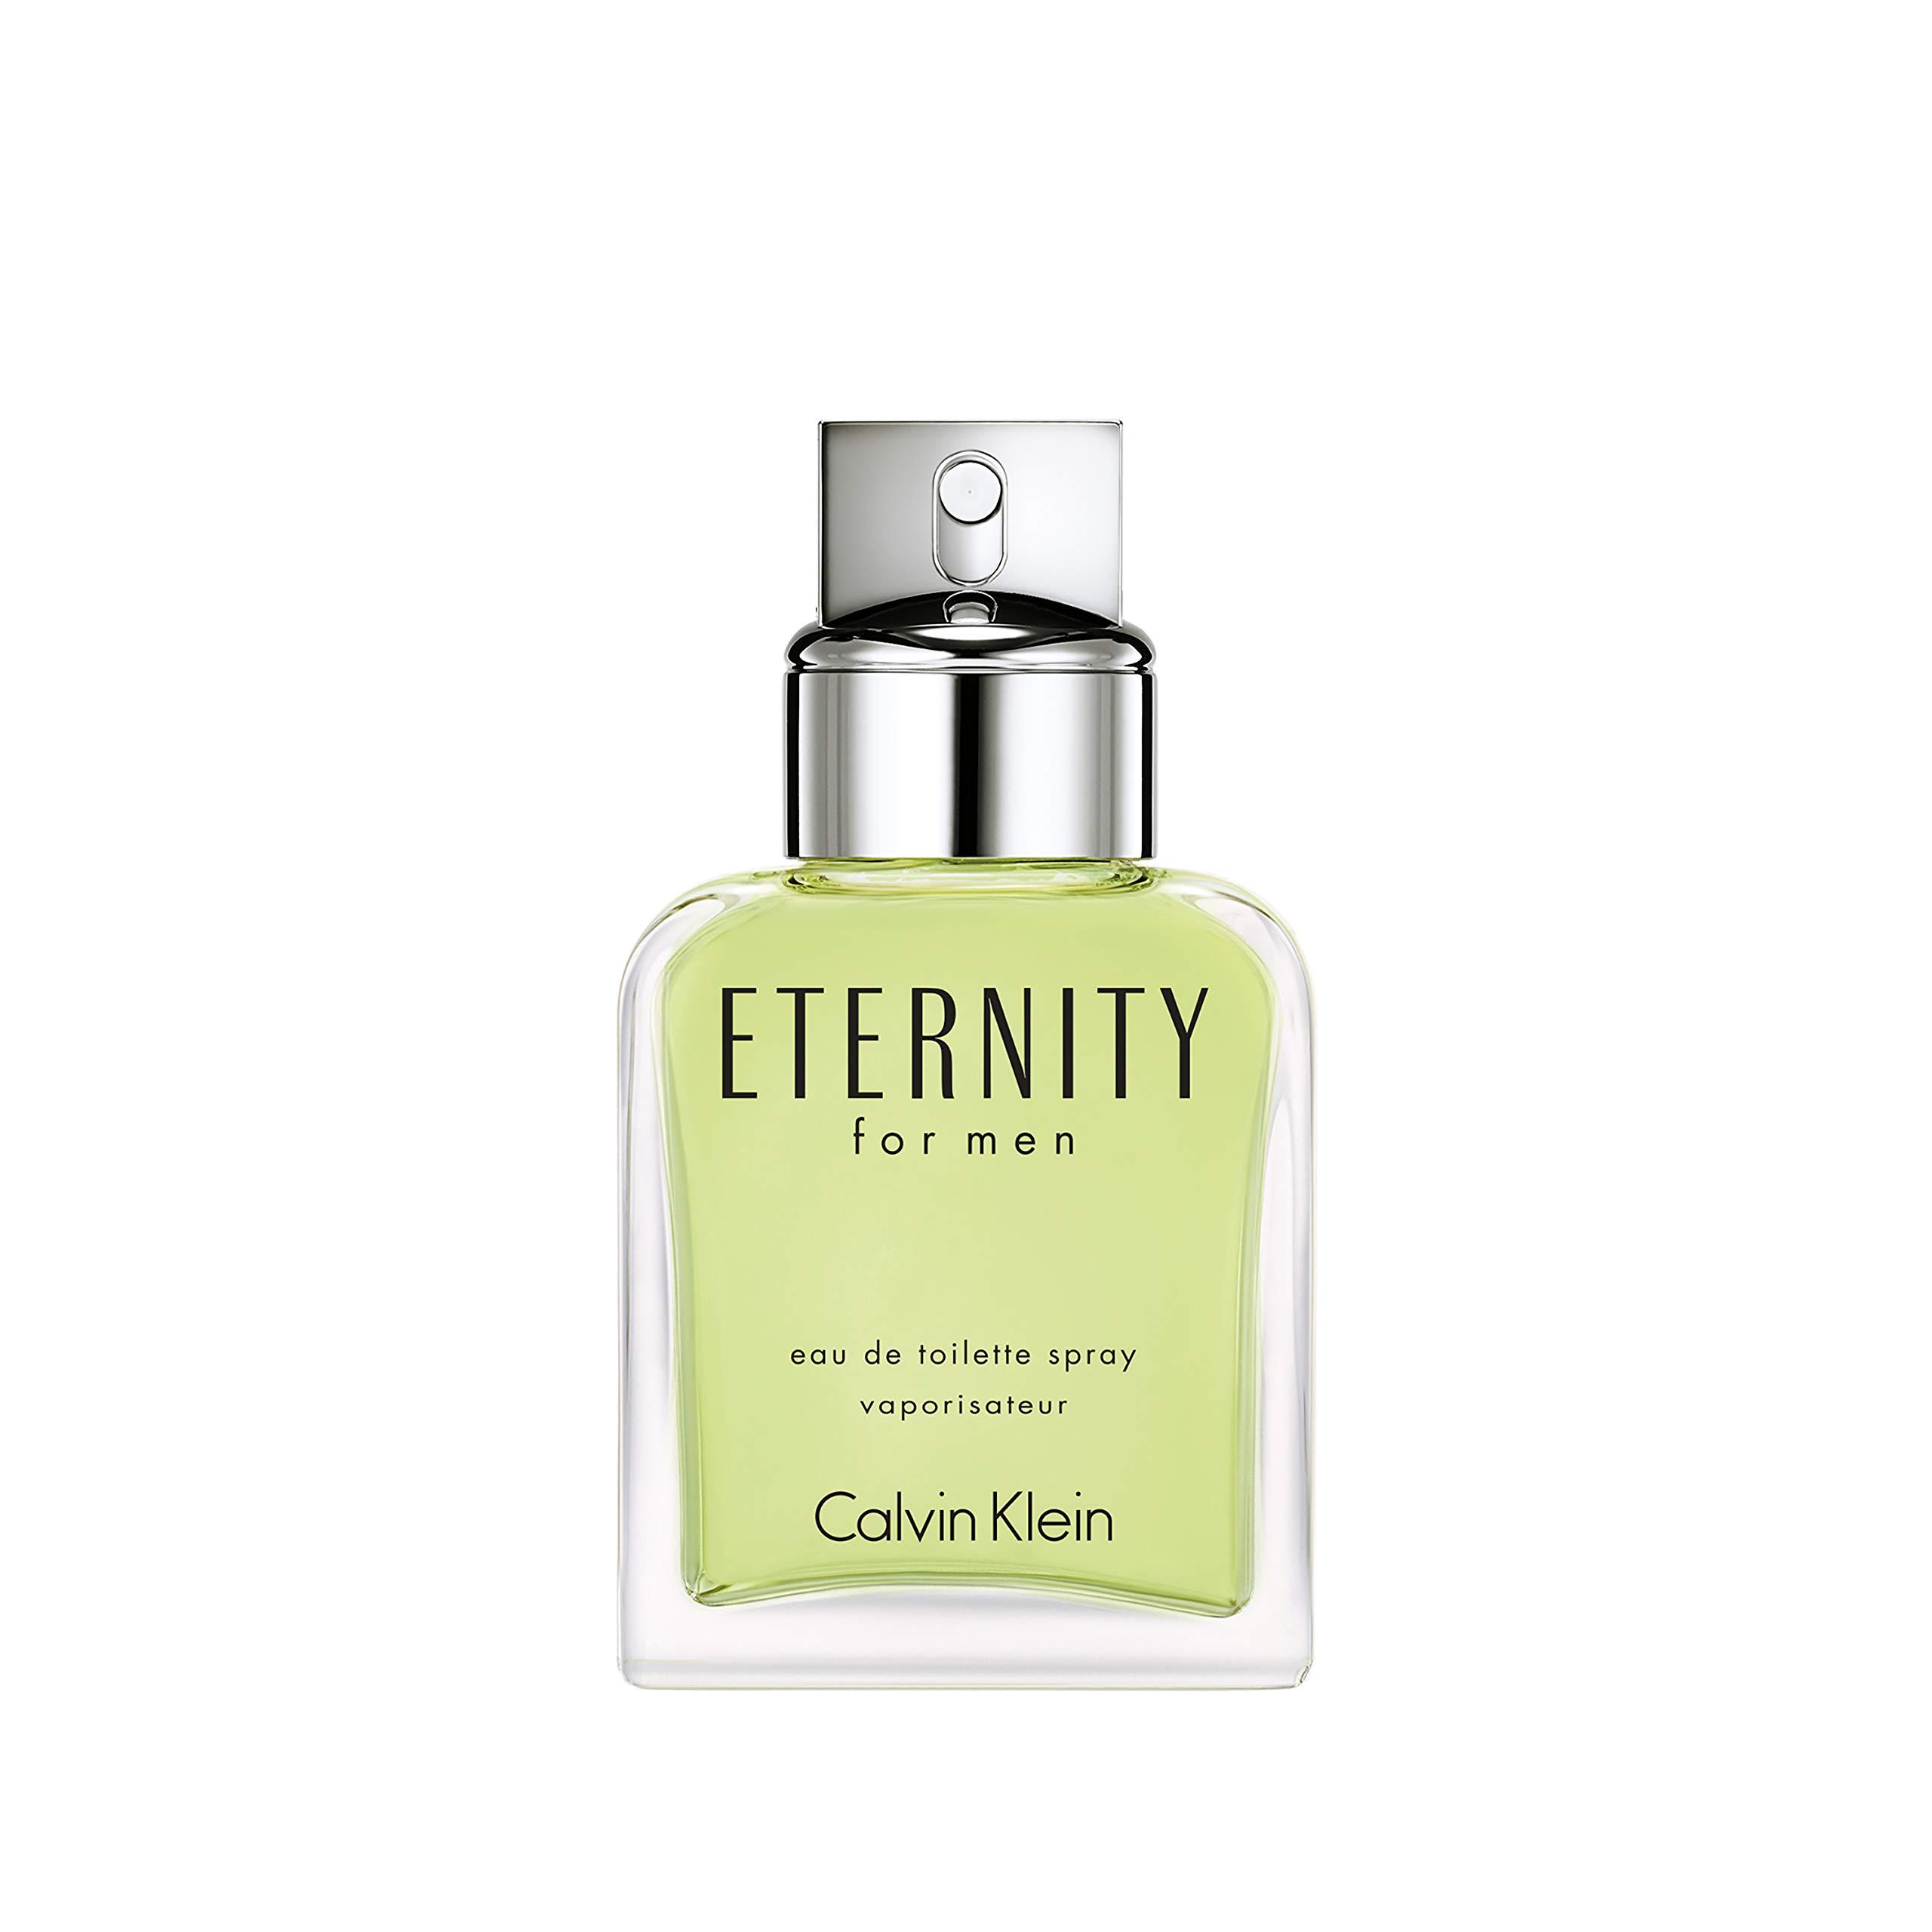 Calvin Klein Eternity Eau de Toilette para Hombre - 50 ml product image